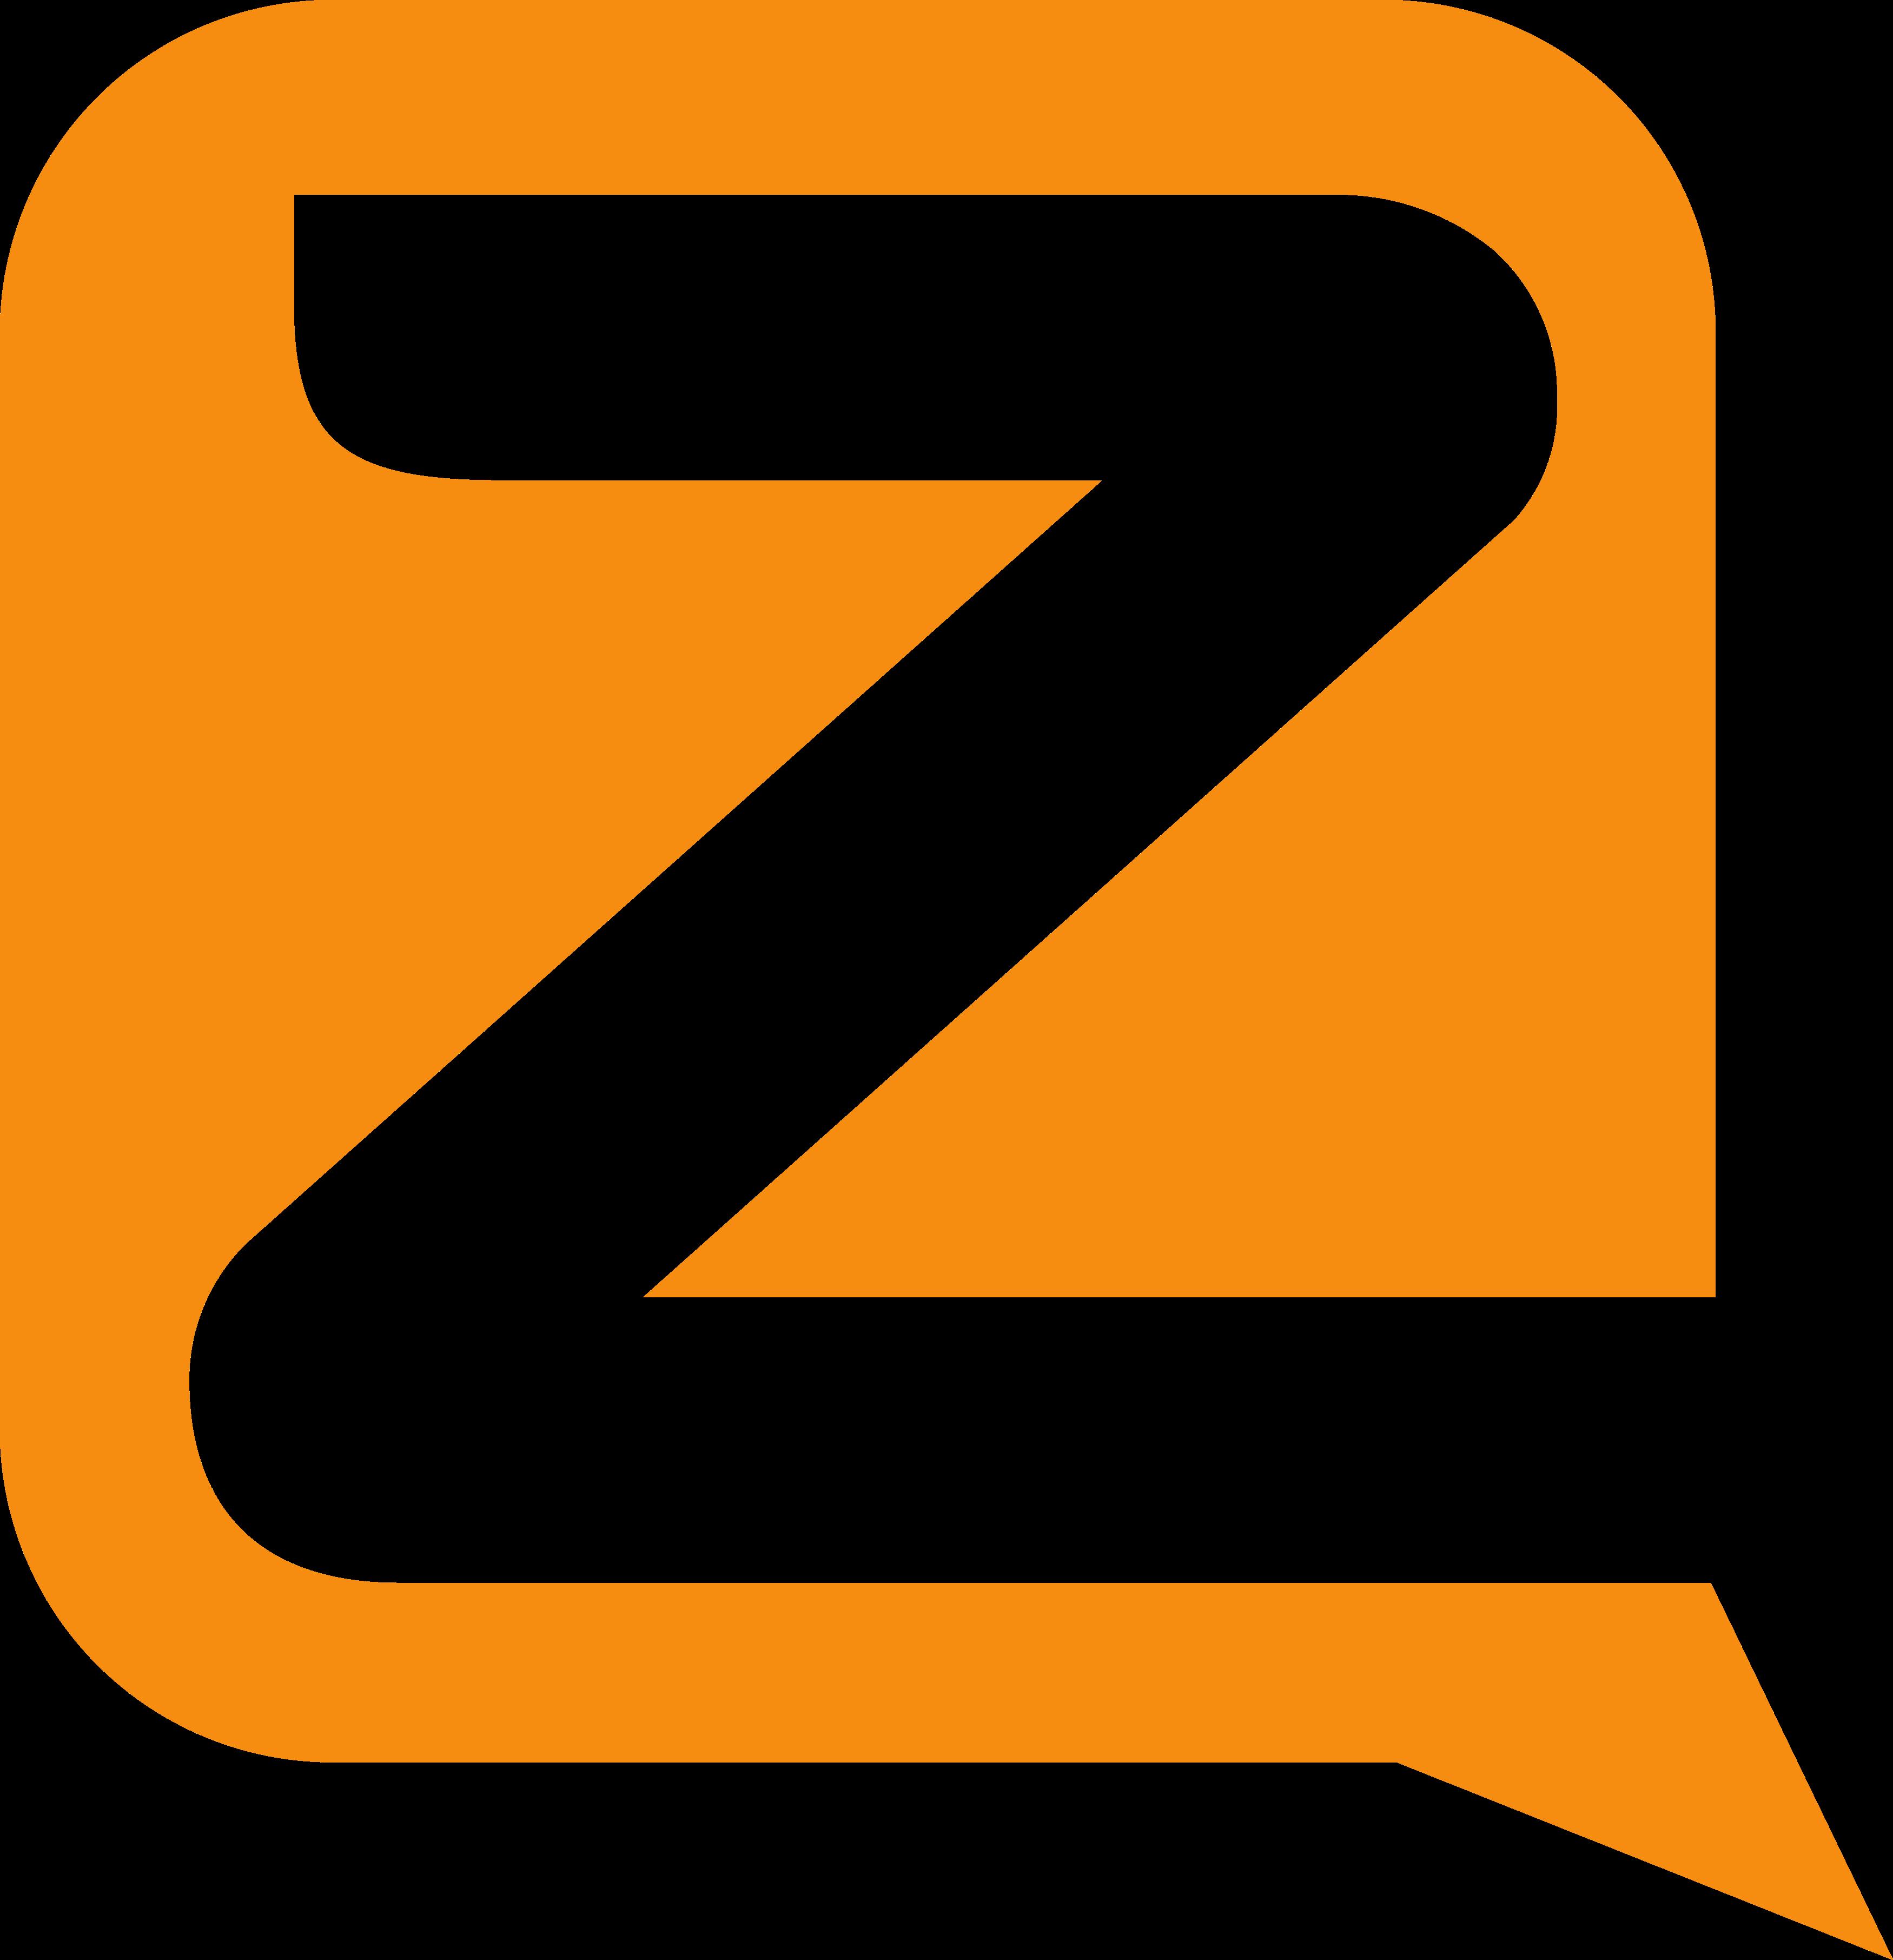 zello logo 1 - Zello Logo